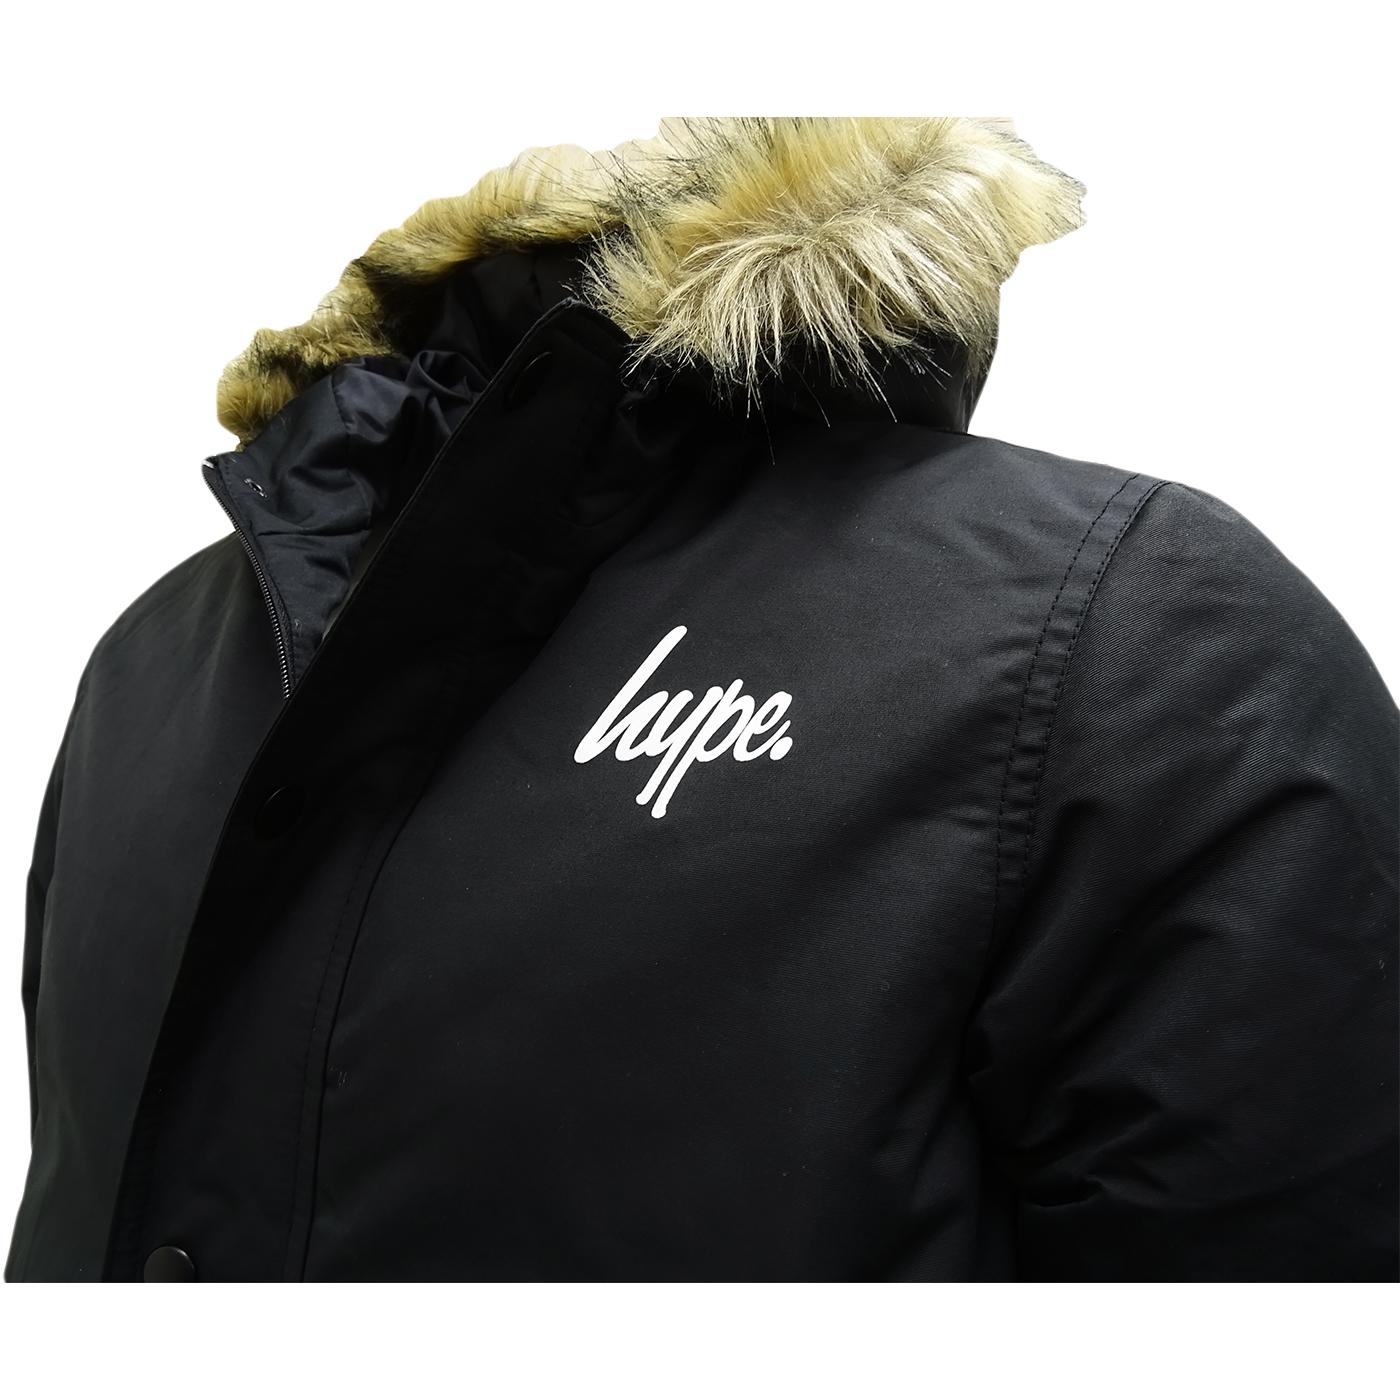 Hype Black Parka Jacket - Winter Outwear Coat   Jackets